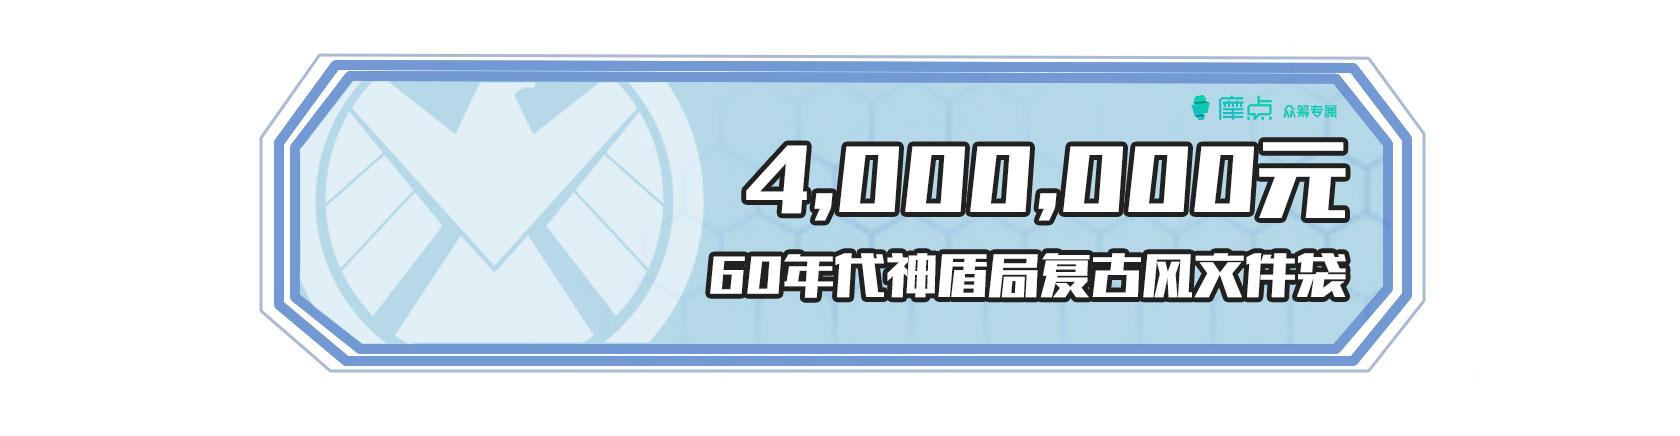 400万成功解锁.jpg